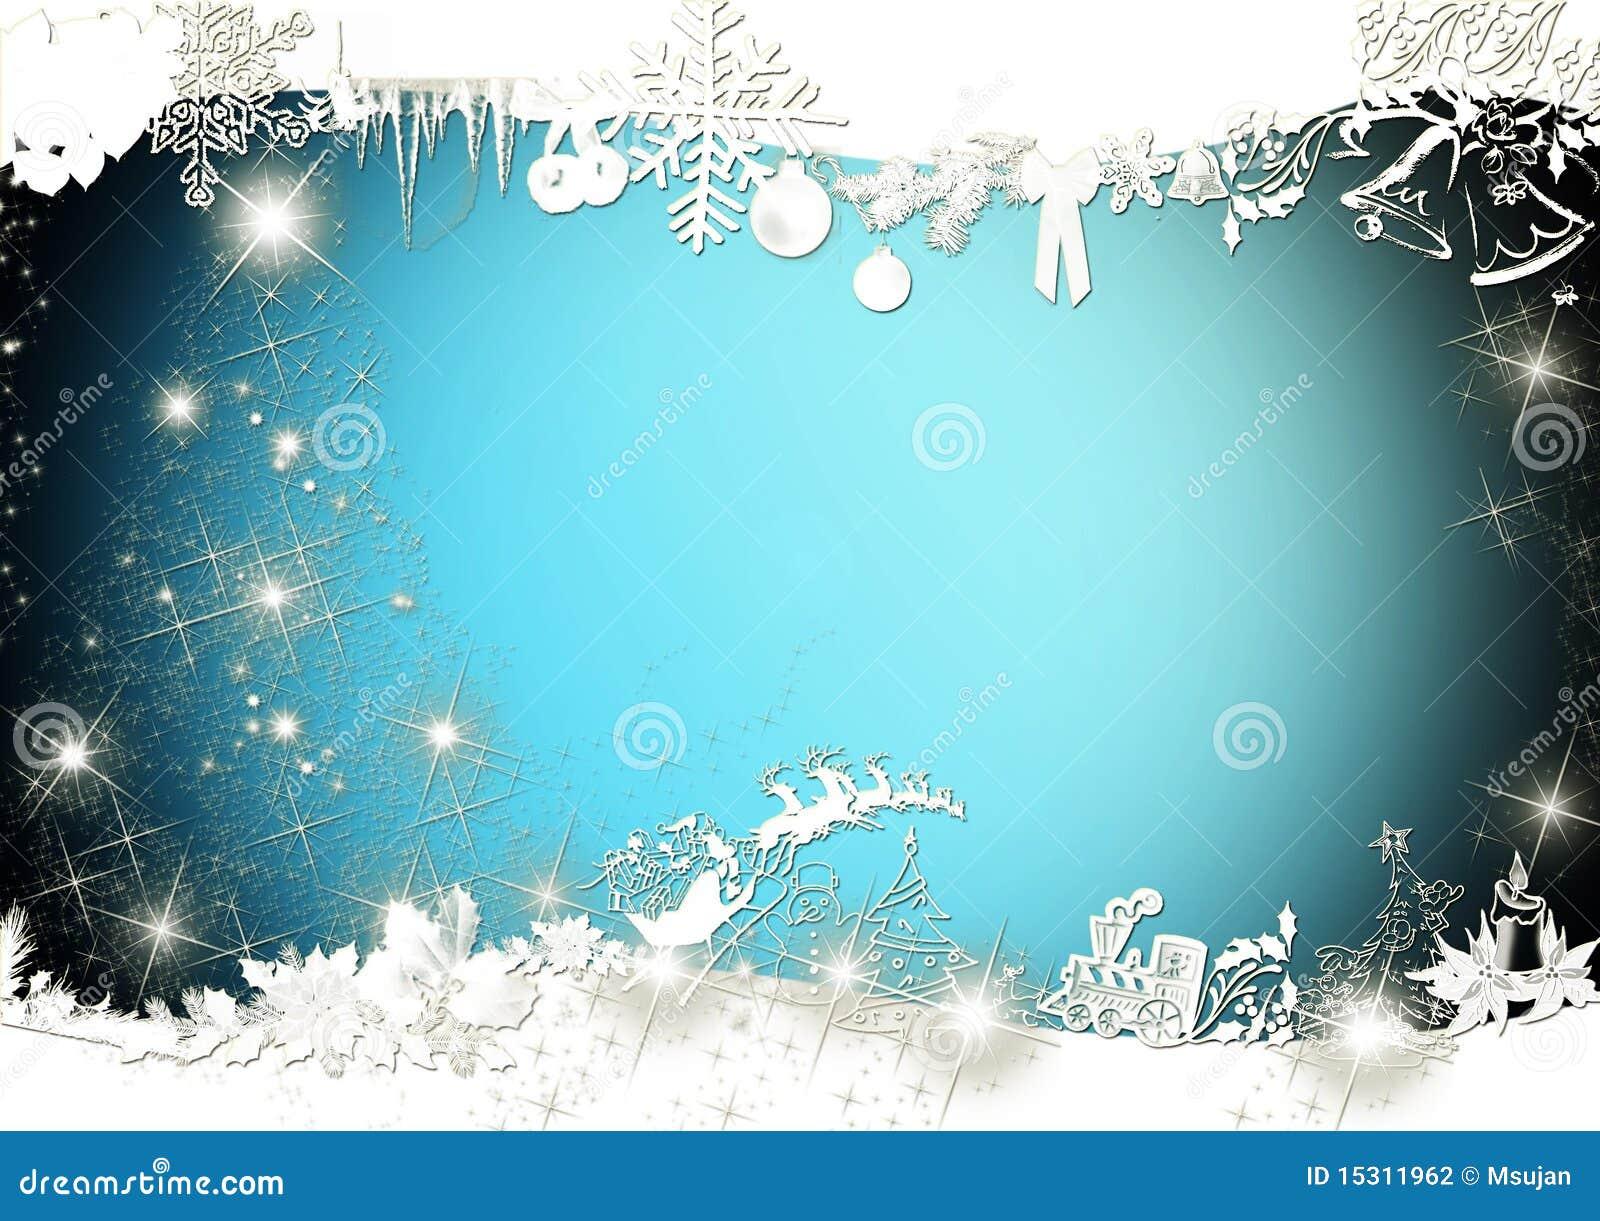 Elegant Christmas Background: Elegant Christmas Background Stock Photography